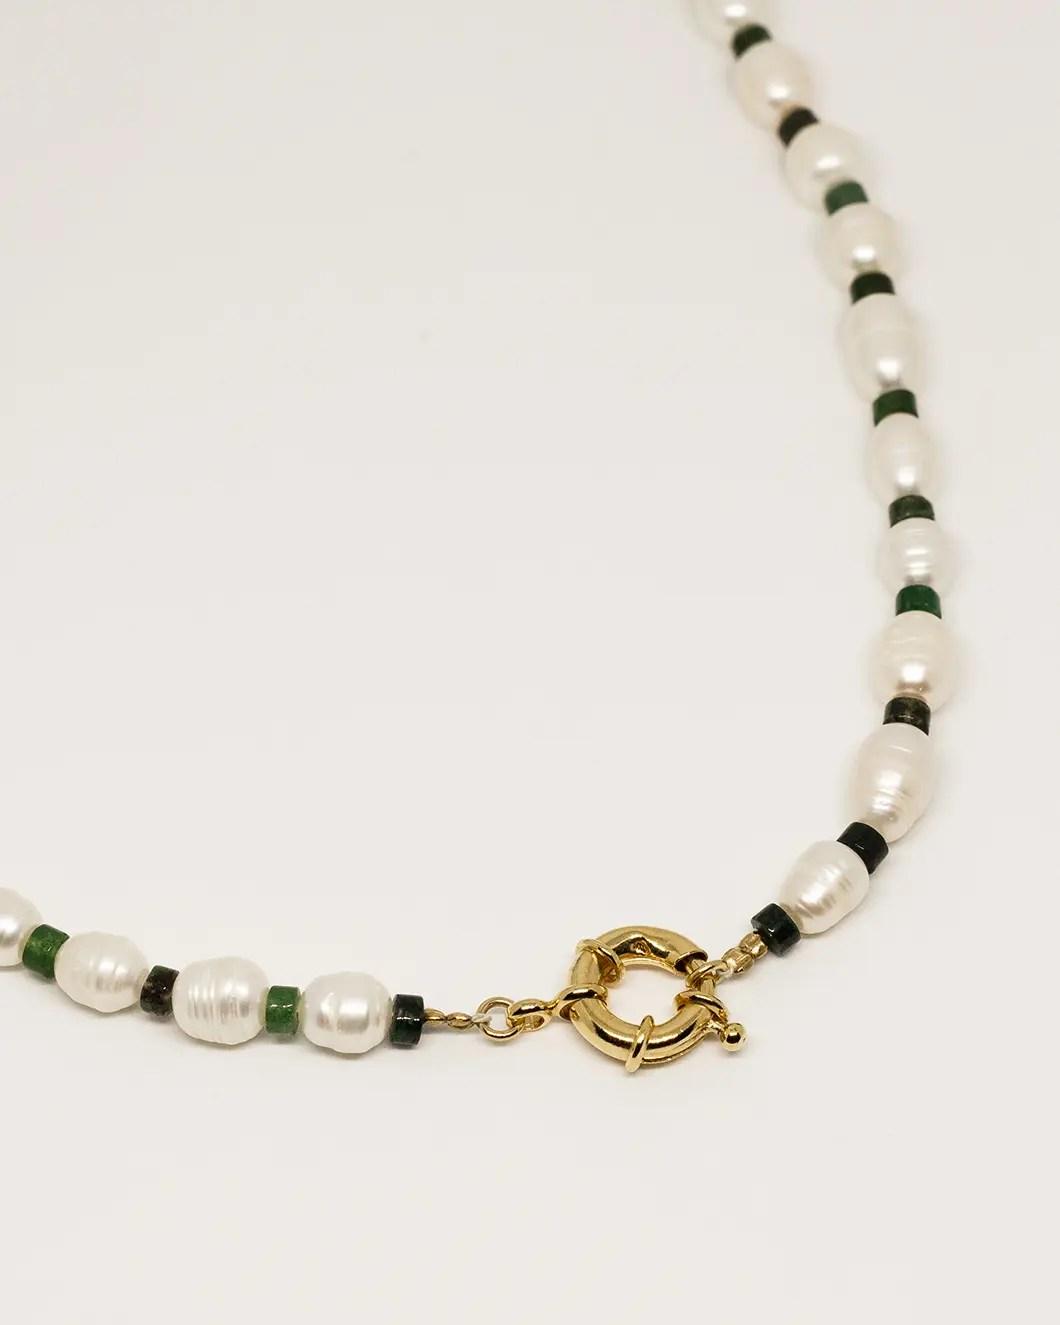 Collier perles de culture agate mousse